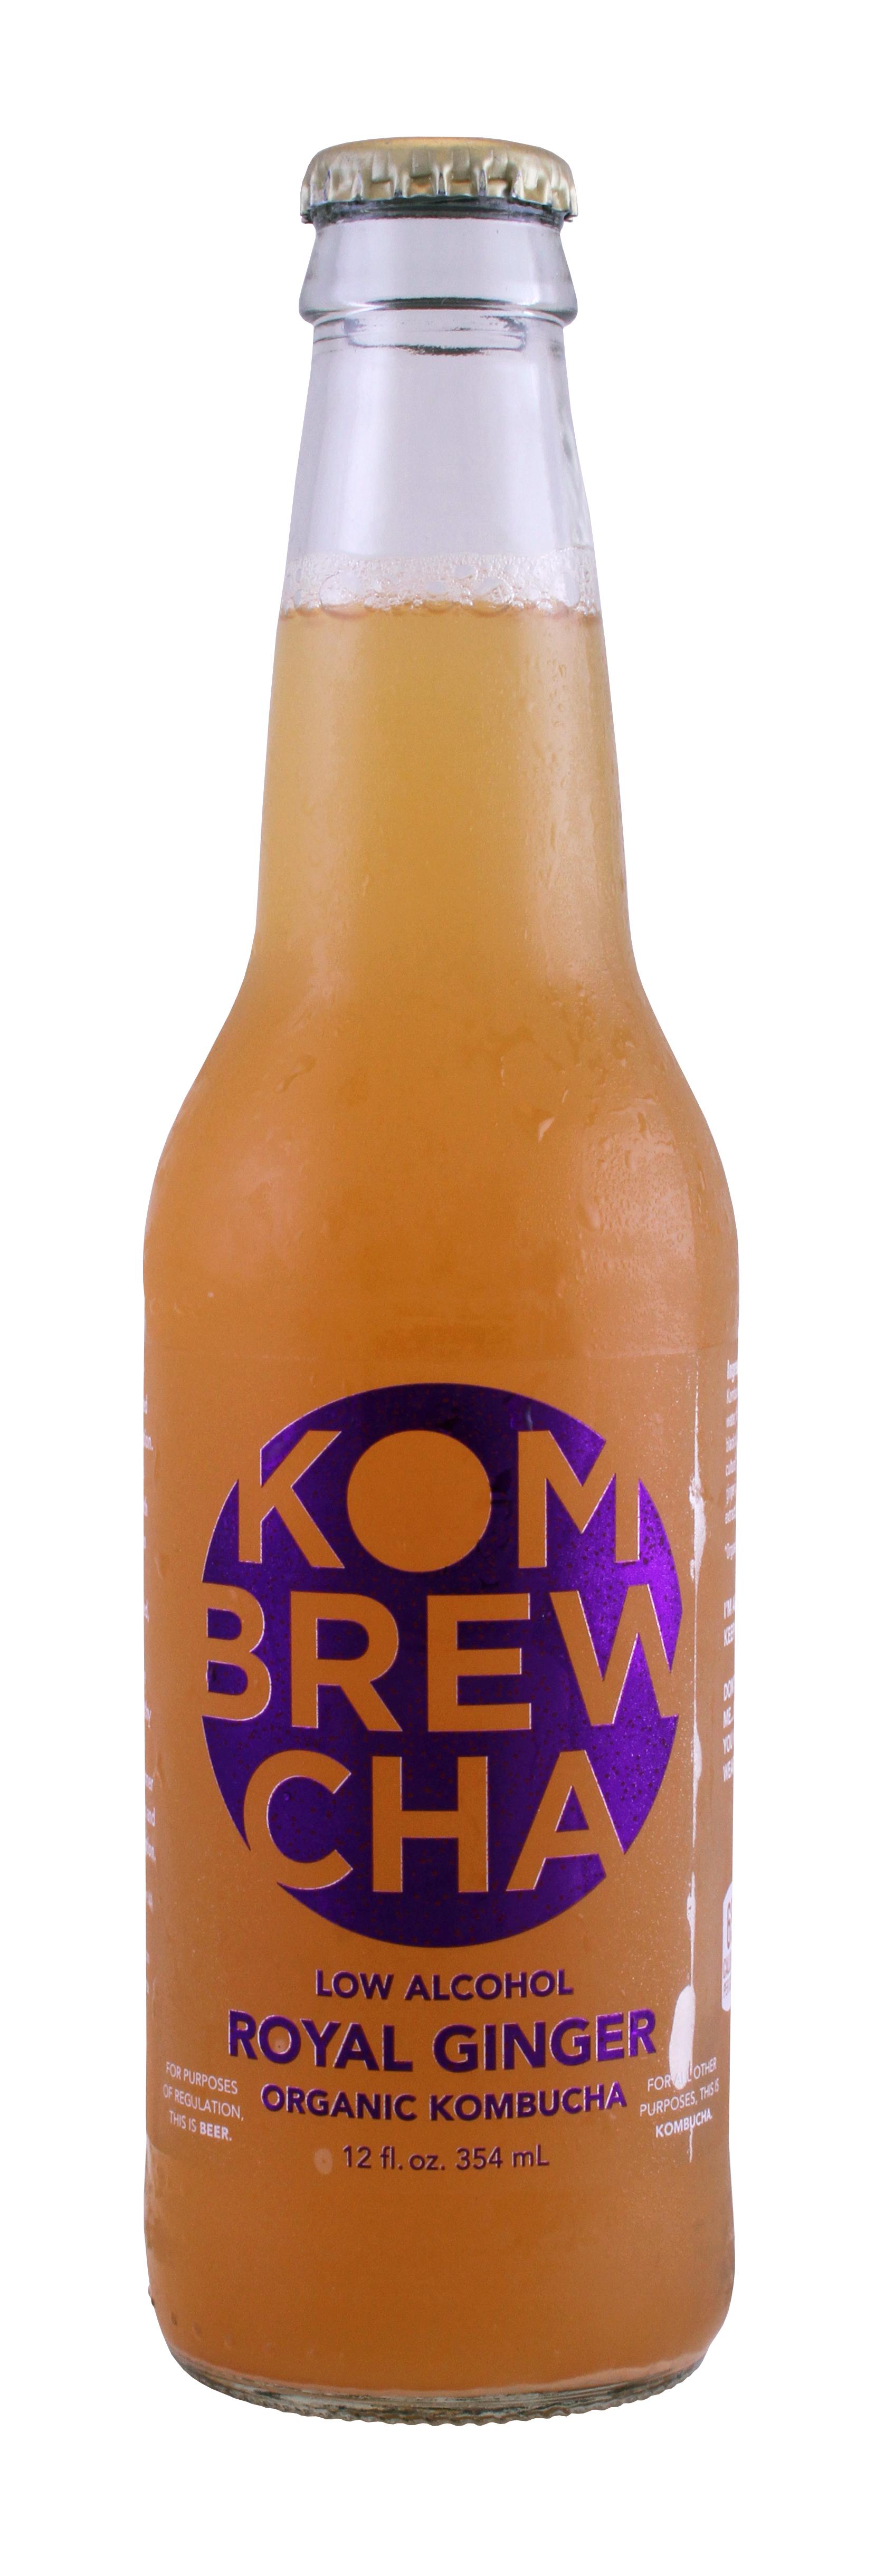 KomBrewCha: KomBrewCha Royal Front